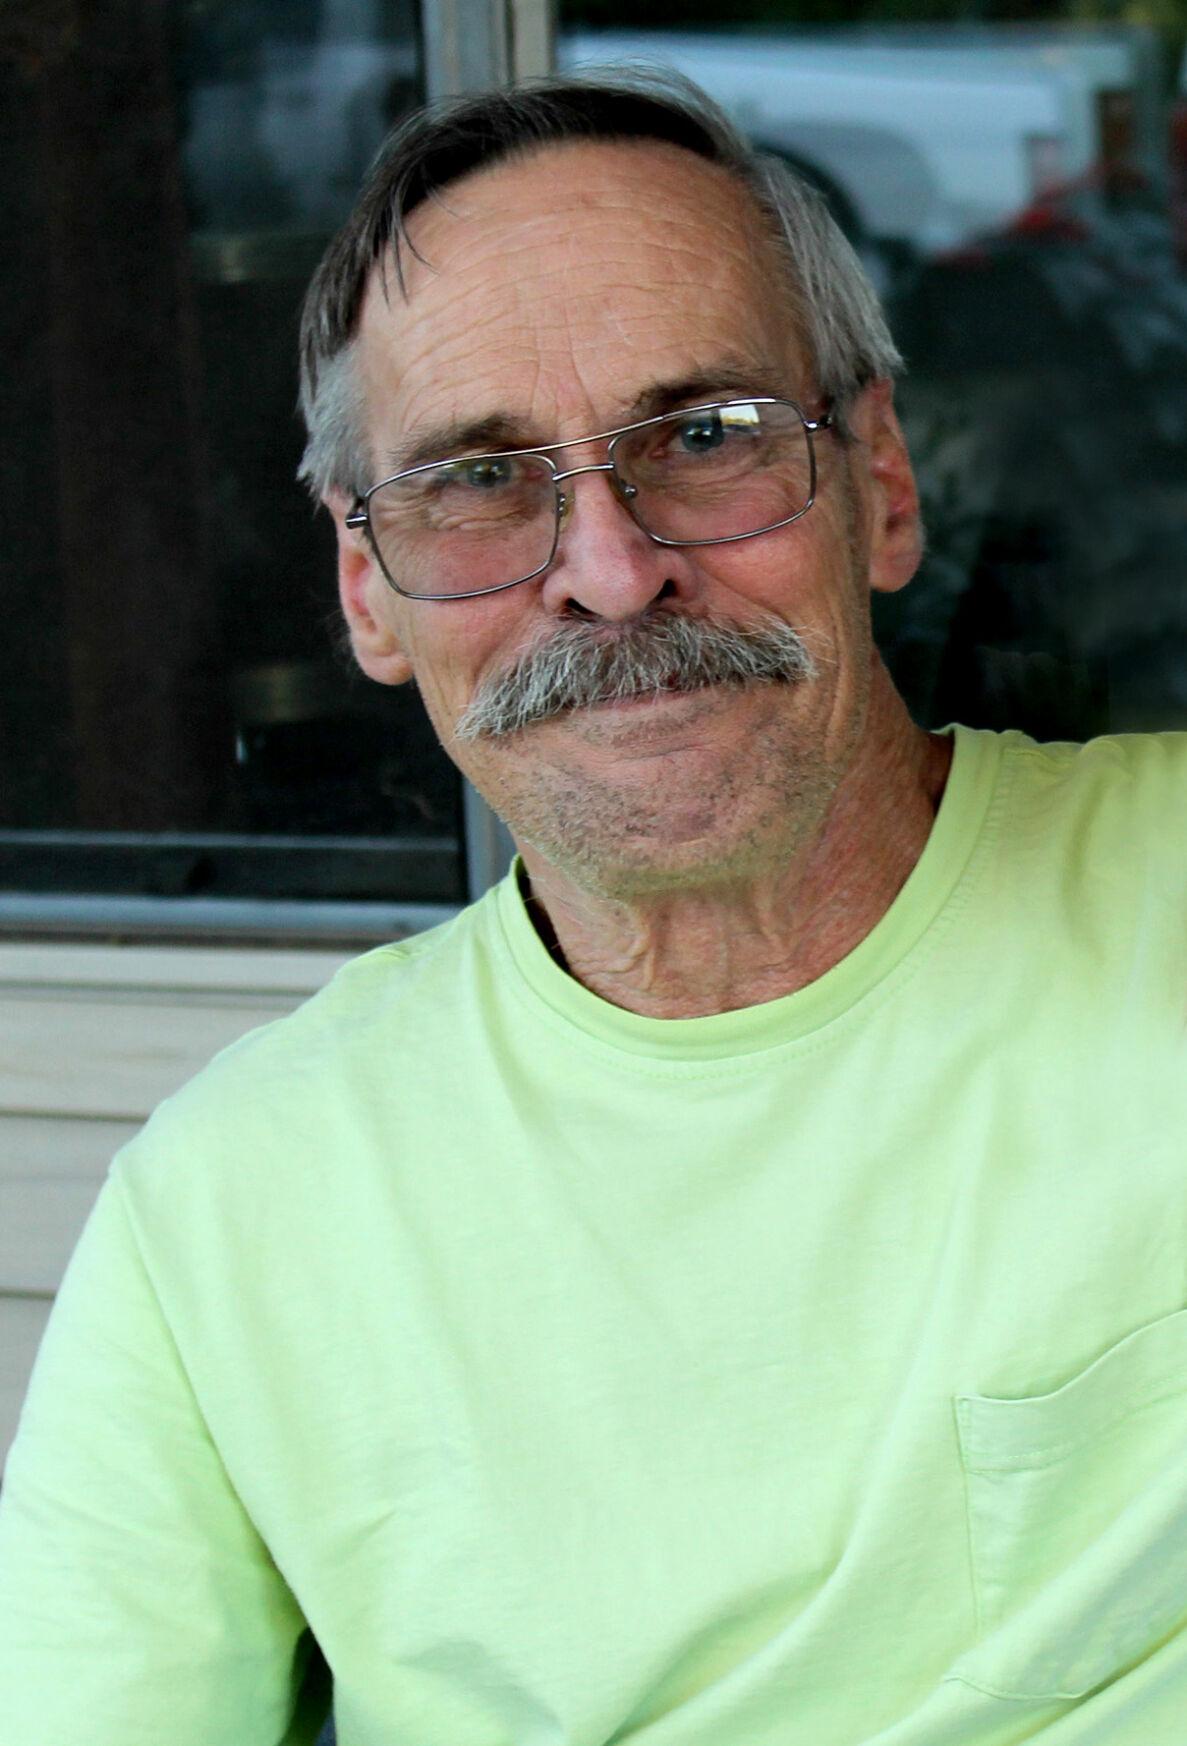 Russell John O'Brien, 68